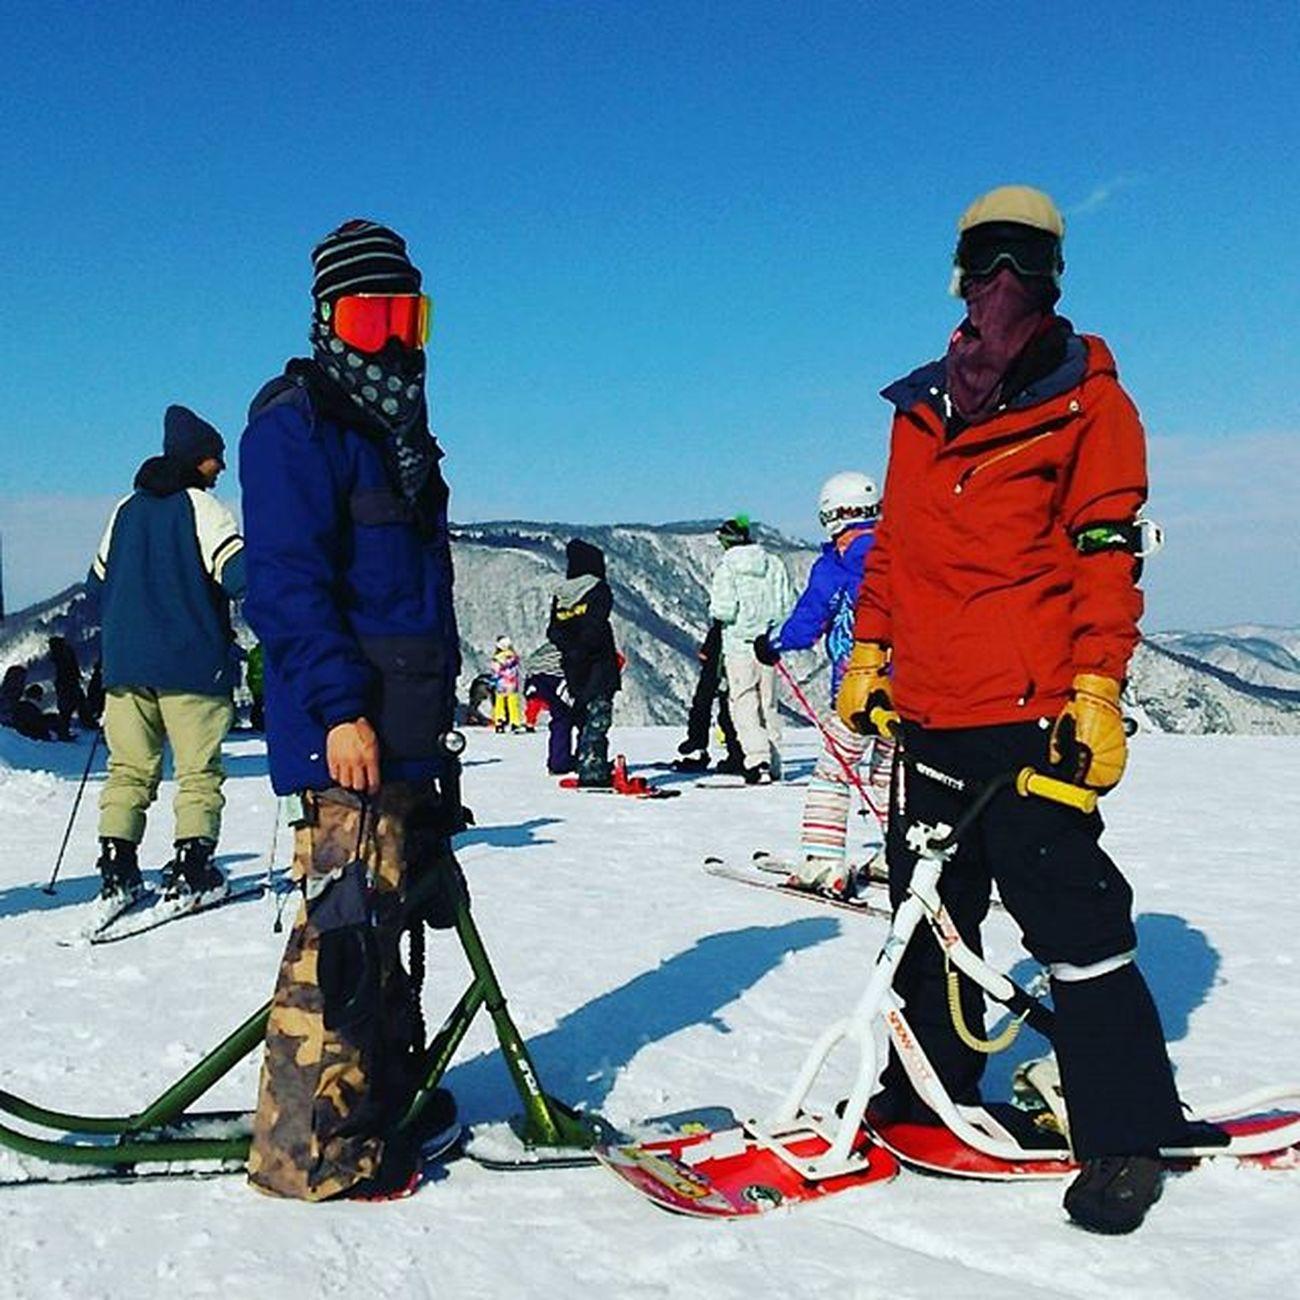 神立でスクートの練習❗ 神立高原スキー場 スノースクート 練習中 雪不足